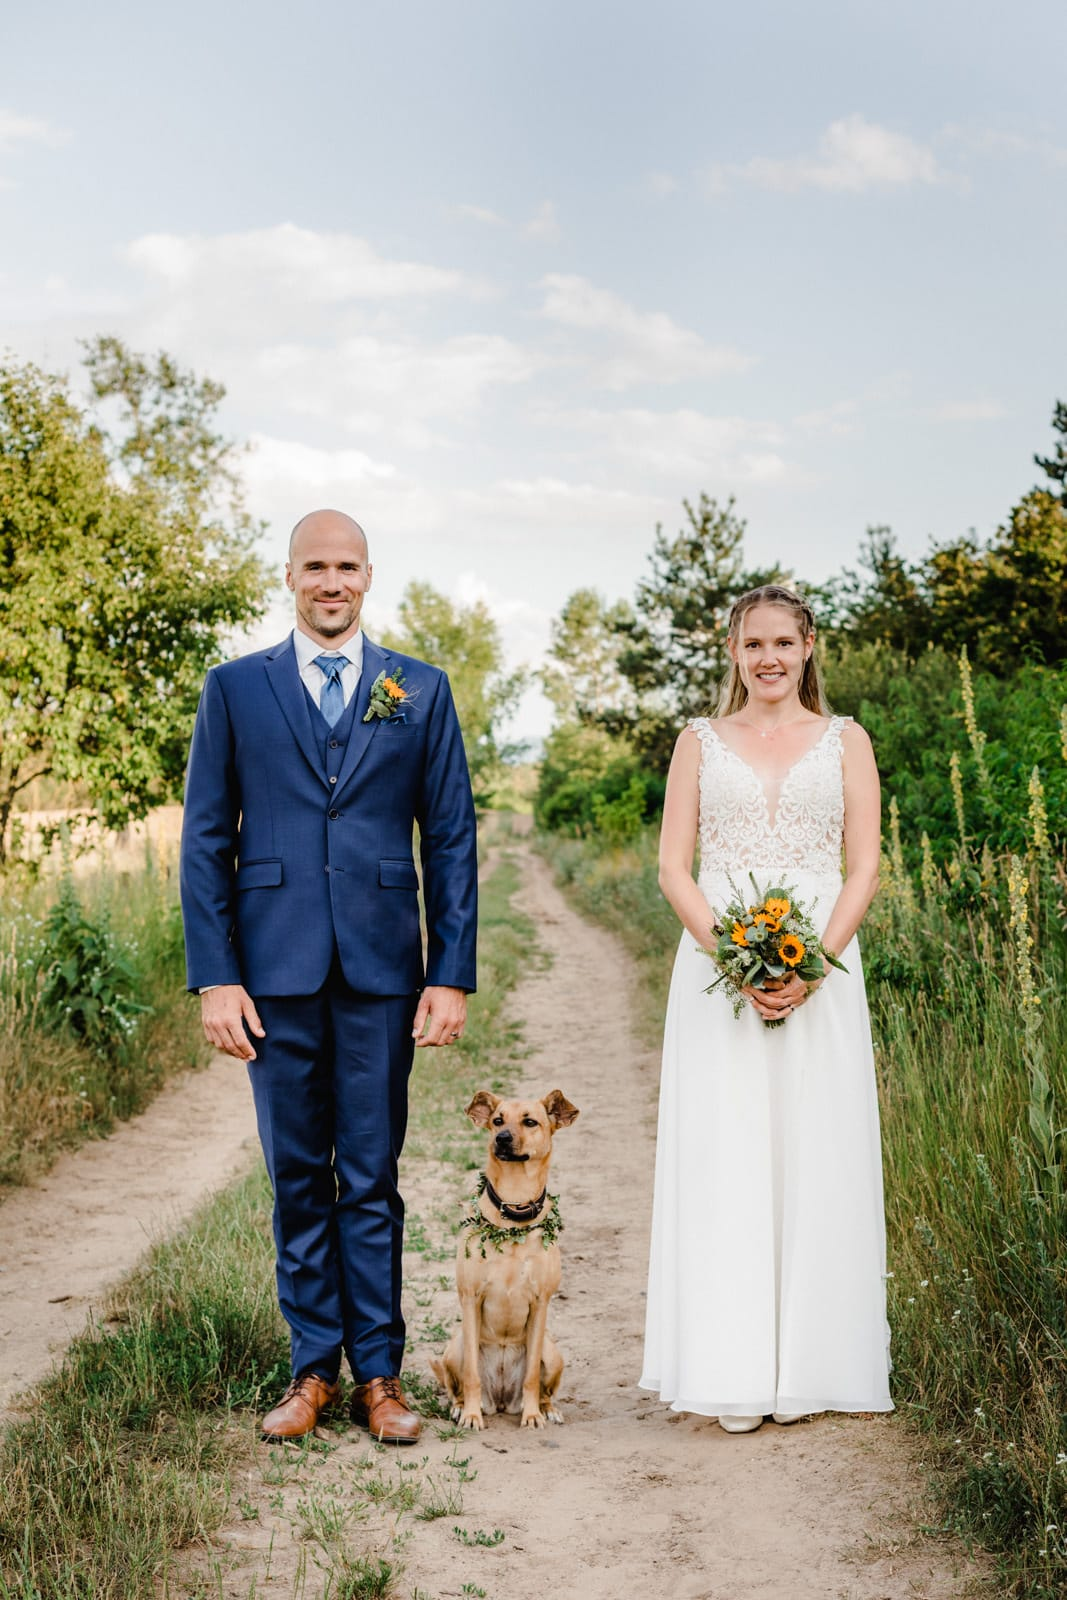 Brautpaar steht in Griesheim in den Dünen gerade zur Kamera blickend da und ihr Hund sitzt zwischen Ihnen in der Natur.